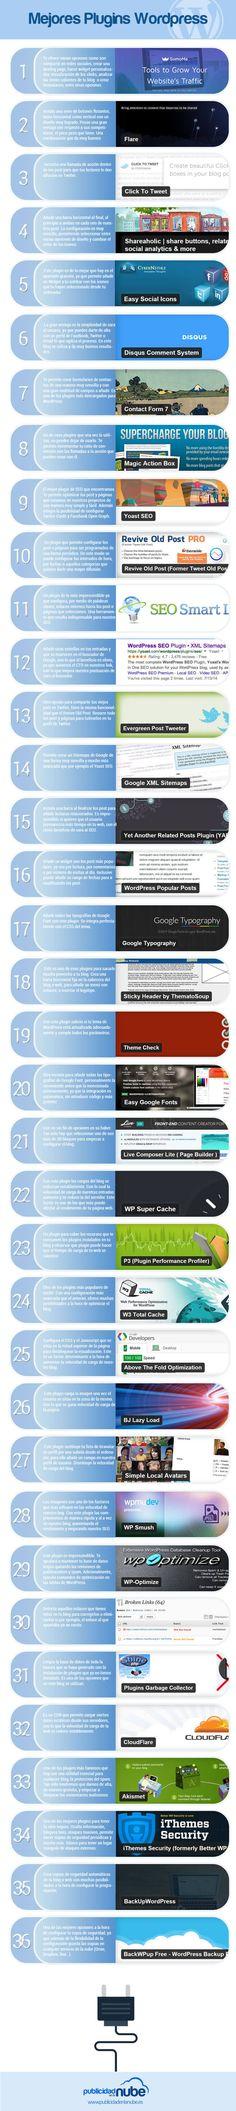 36 mejores plugins gratuitos para WordPress #infografia #infographic #socialmedia | TICs y Formación